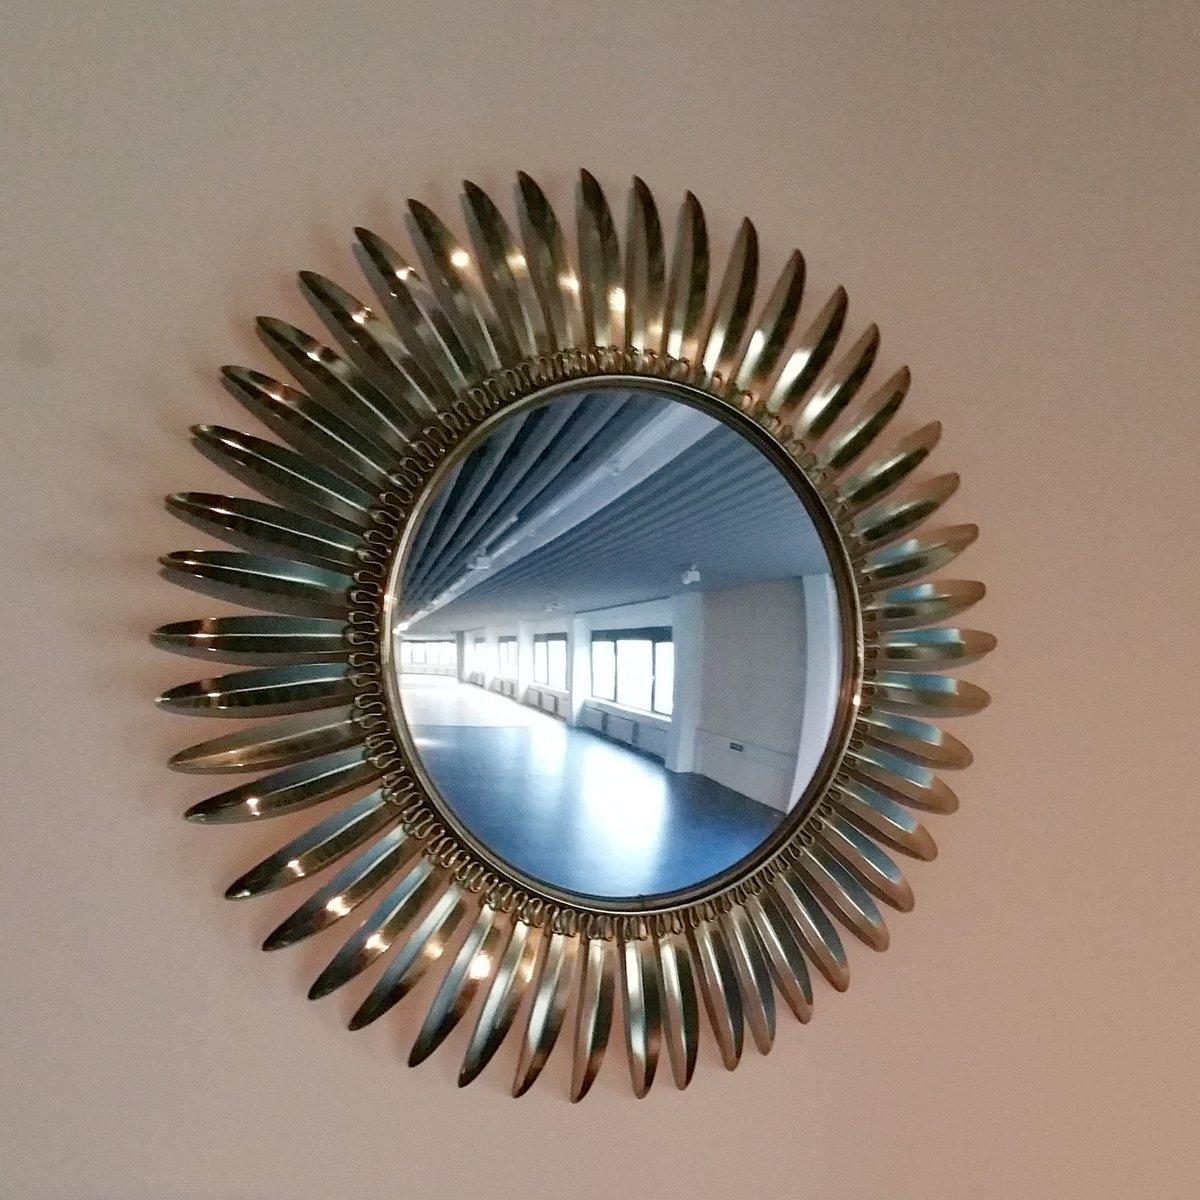 Specchio a forma di sole in ottone di deknudt anni 39 70 in vendita su pamono - Specchio a forma di sole ...